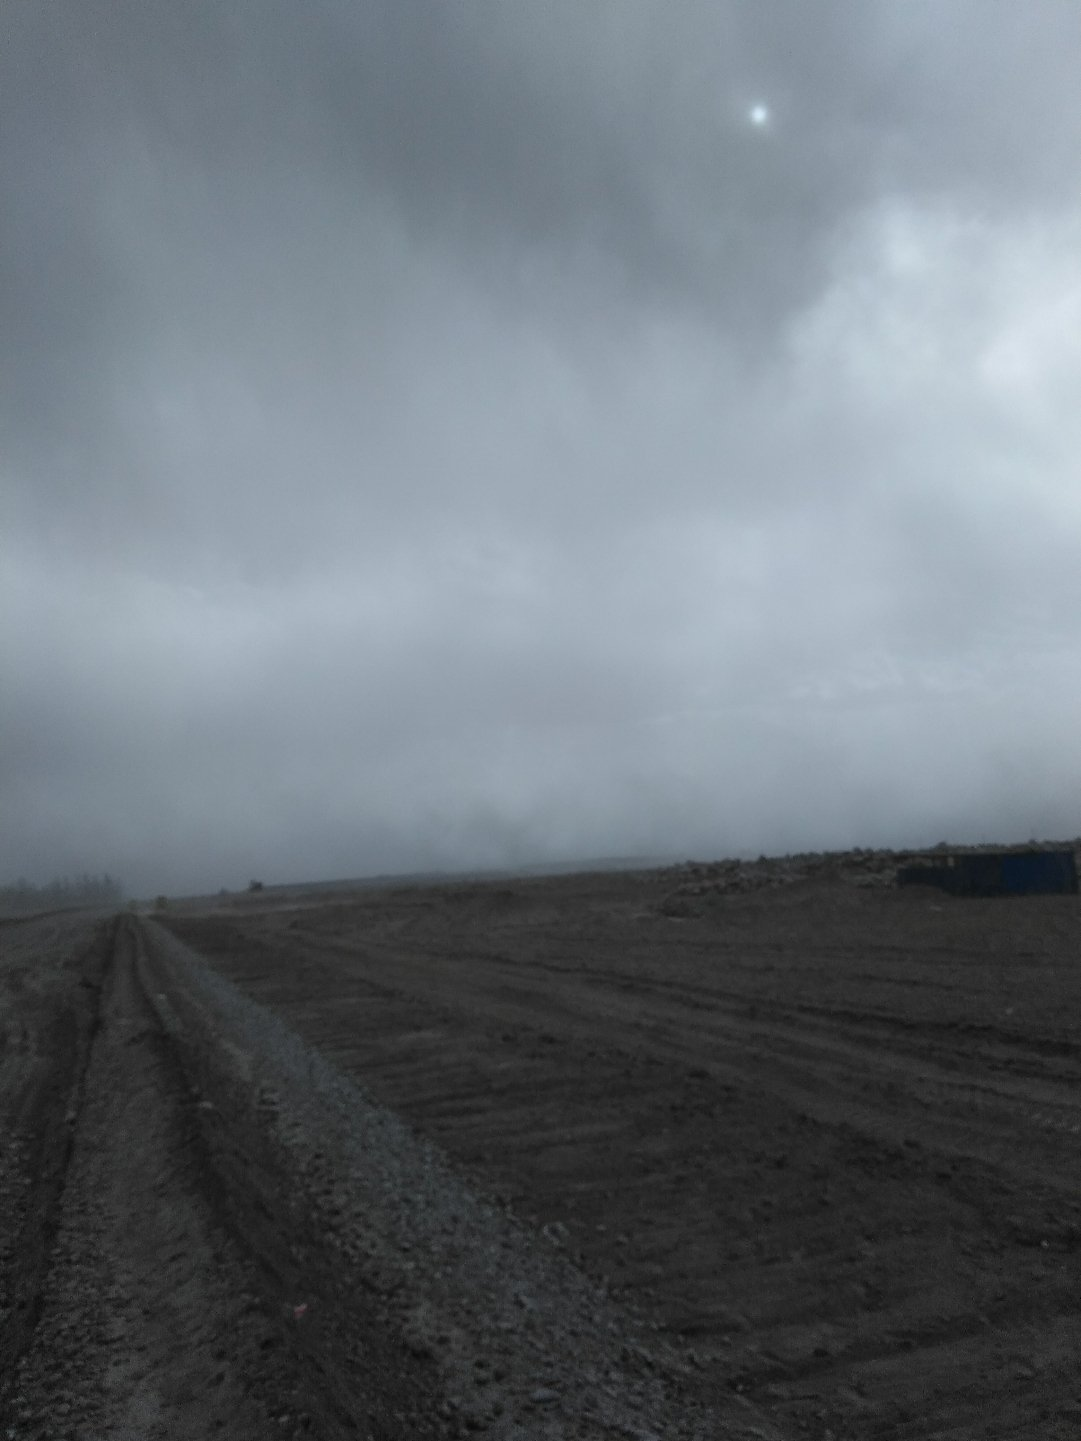 新疆维吾尔自治区阿克苏地区阿瓦提县943乡道天气预报